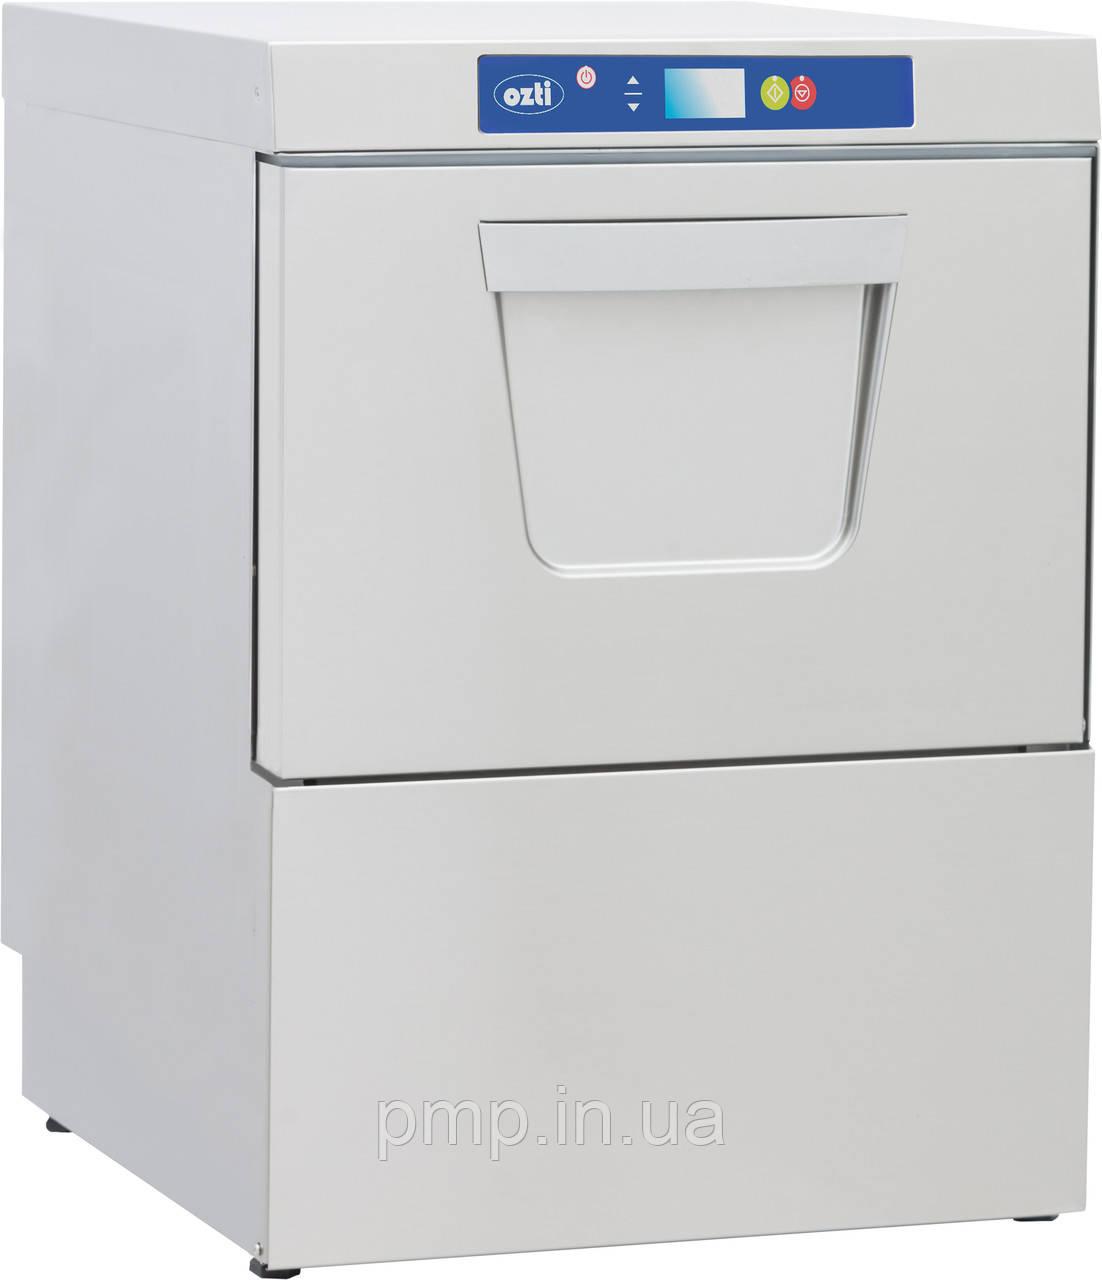 Посудомоечная машина OBY 50D HT PRT, электронная панель управления